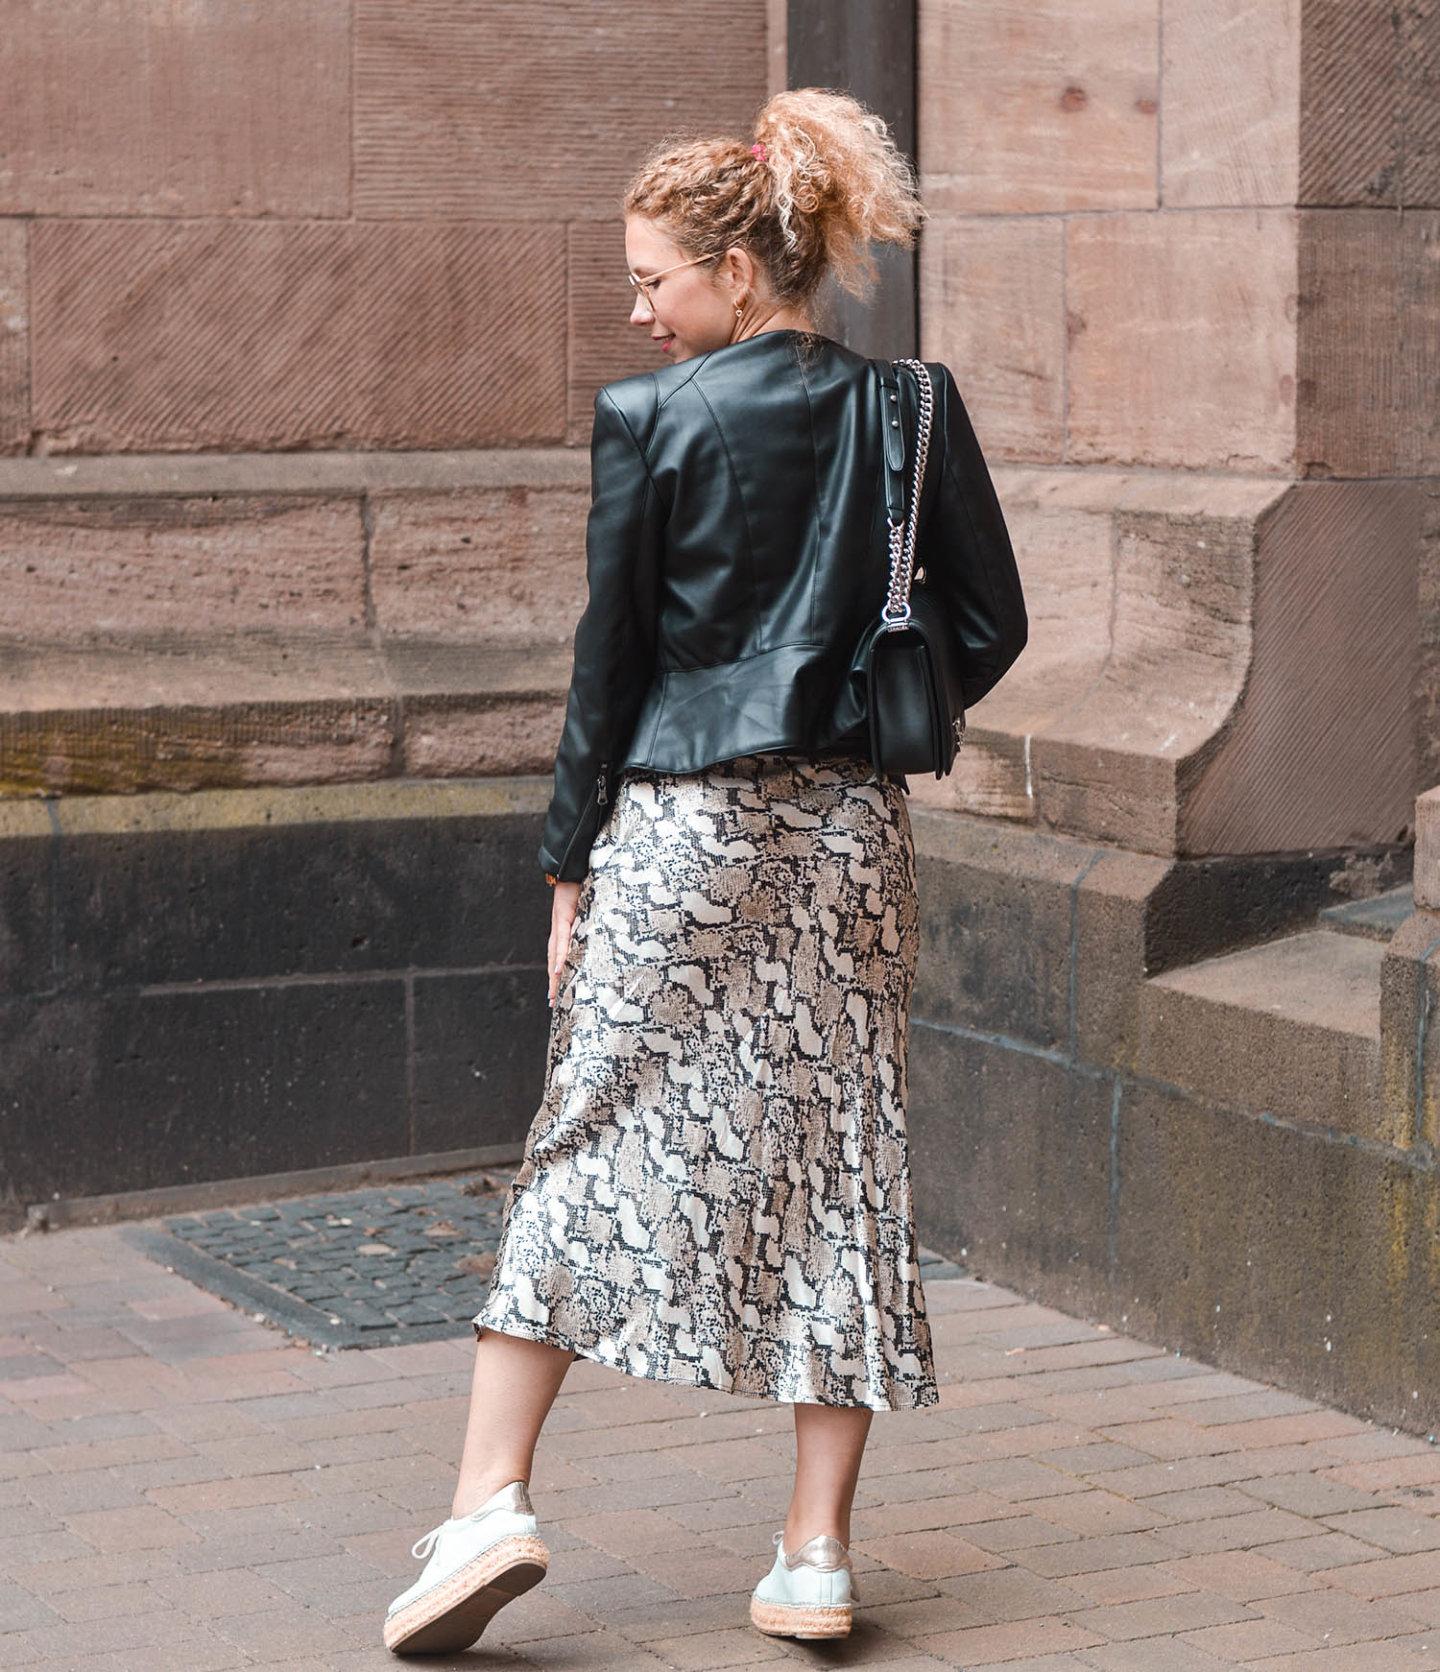 Frühlingsoutfit im rockigen Stil mit Lederjacke und satinrock